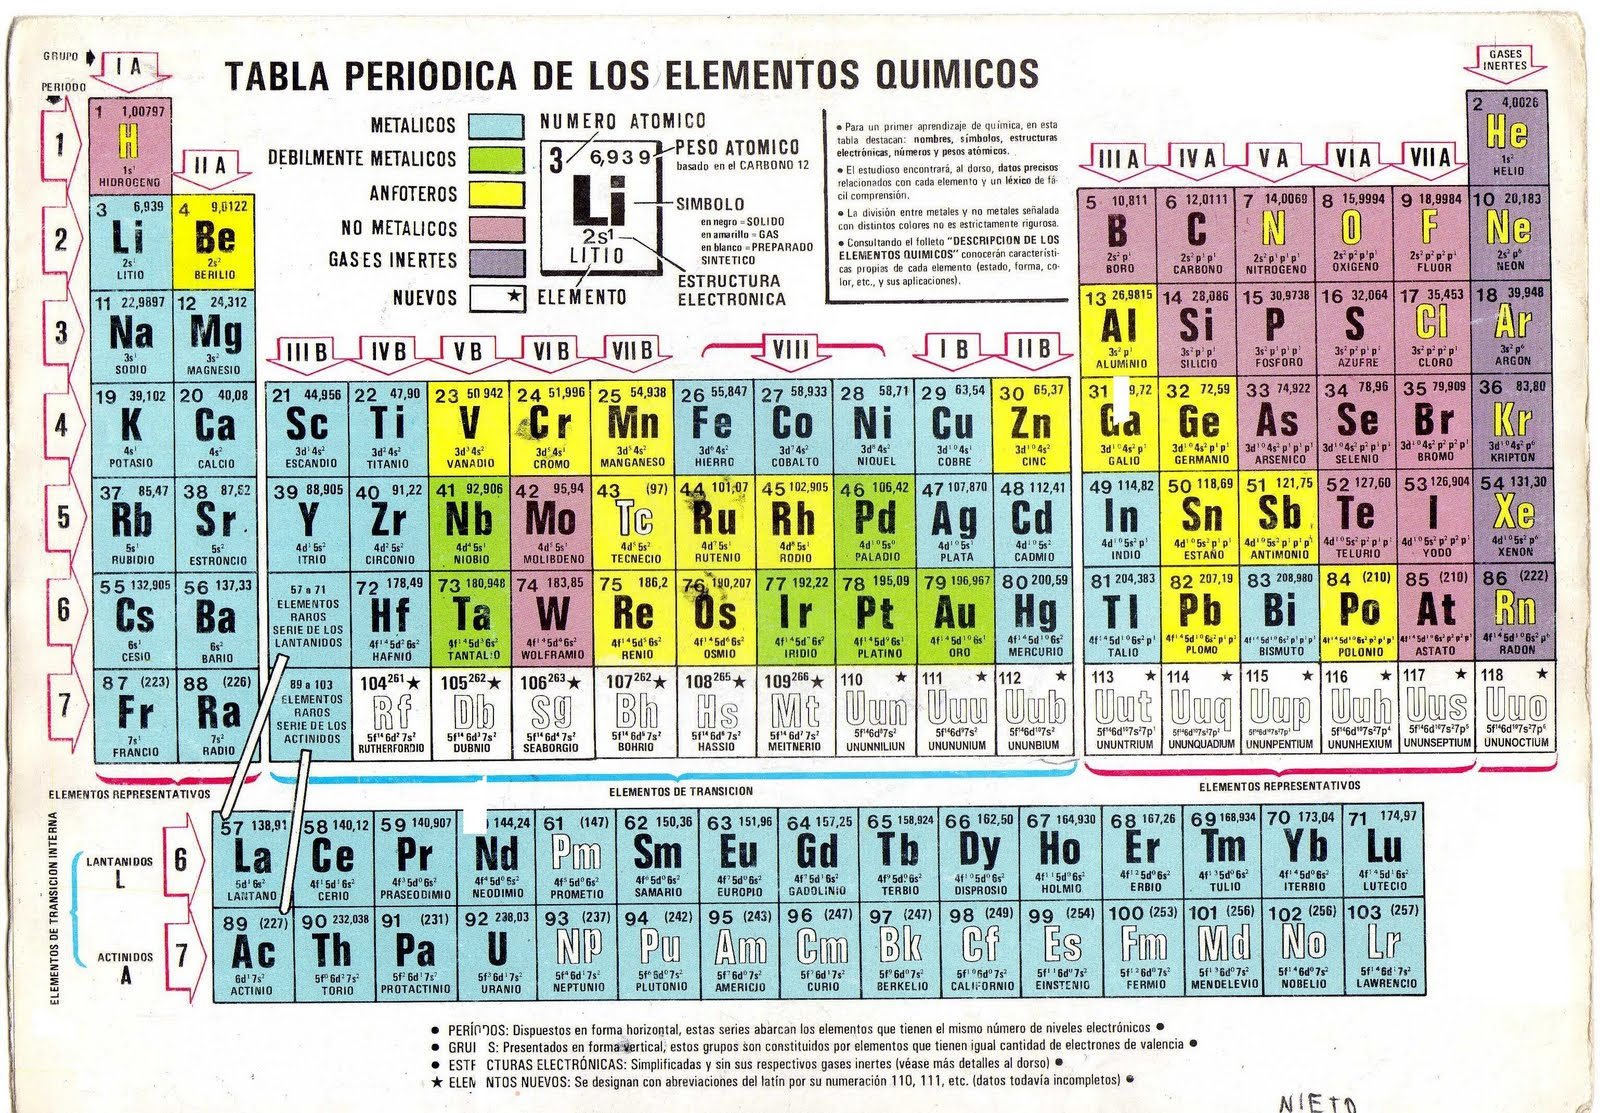 Tabla periodica moderna de los elementos quimicos images periodic tabla periodica moderna de los elementos quimicos urtaz Gallery